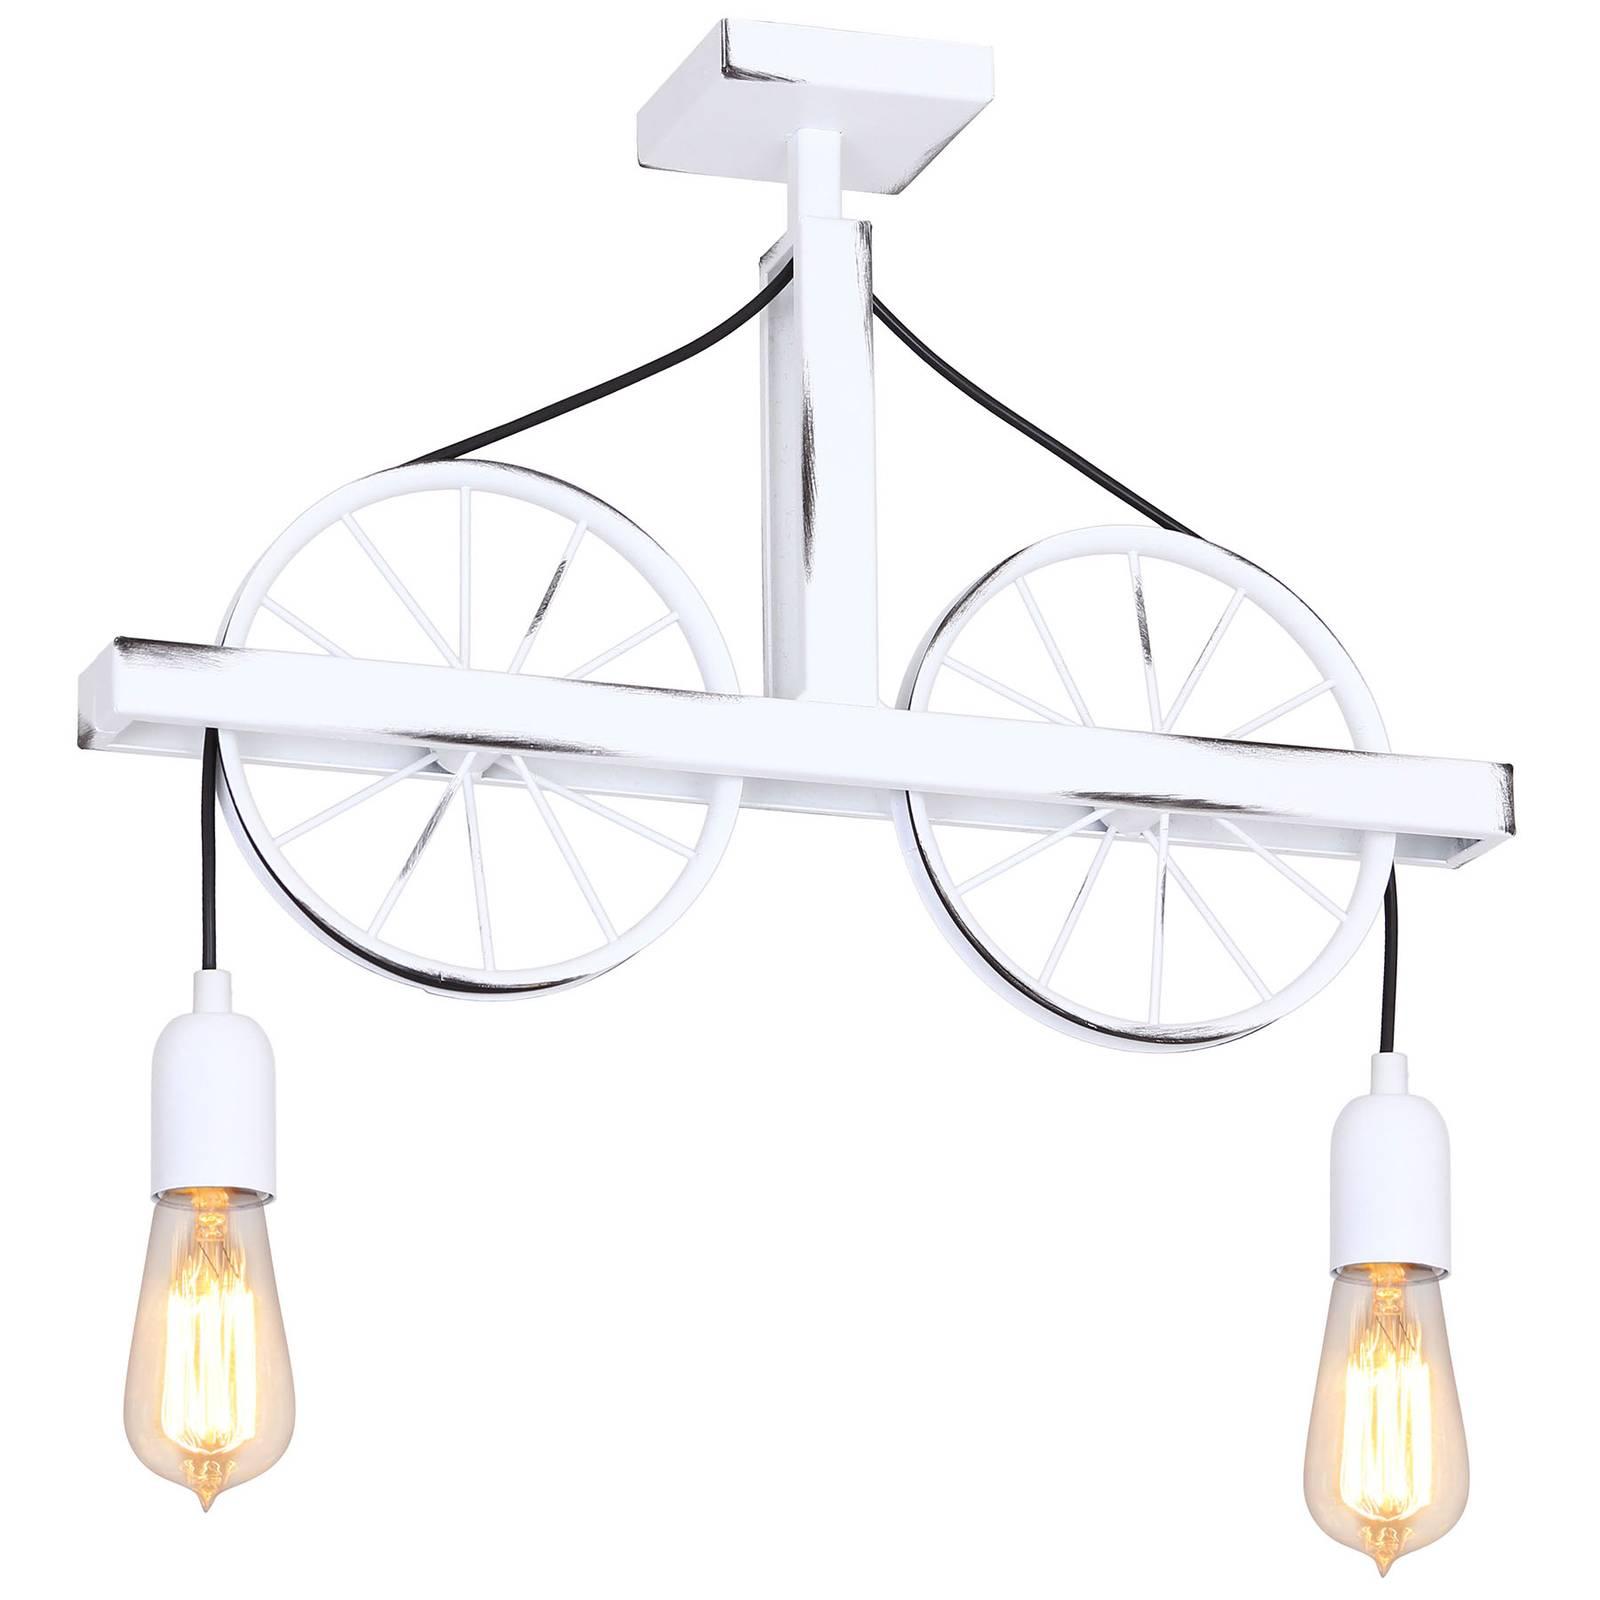 Seinävalaisin 844, pyörät, kaksilamppuinen, valk.